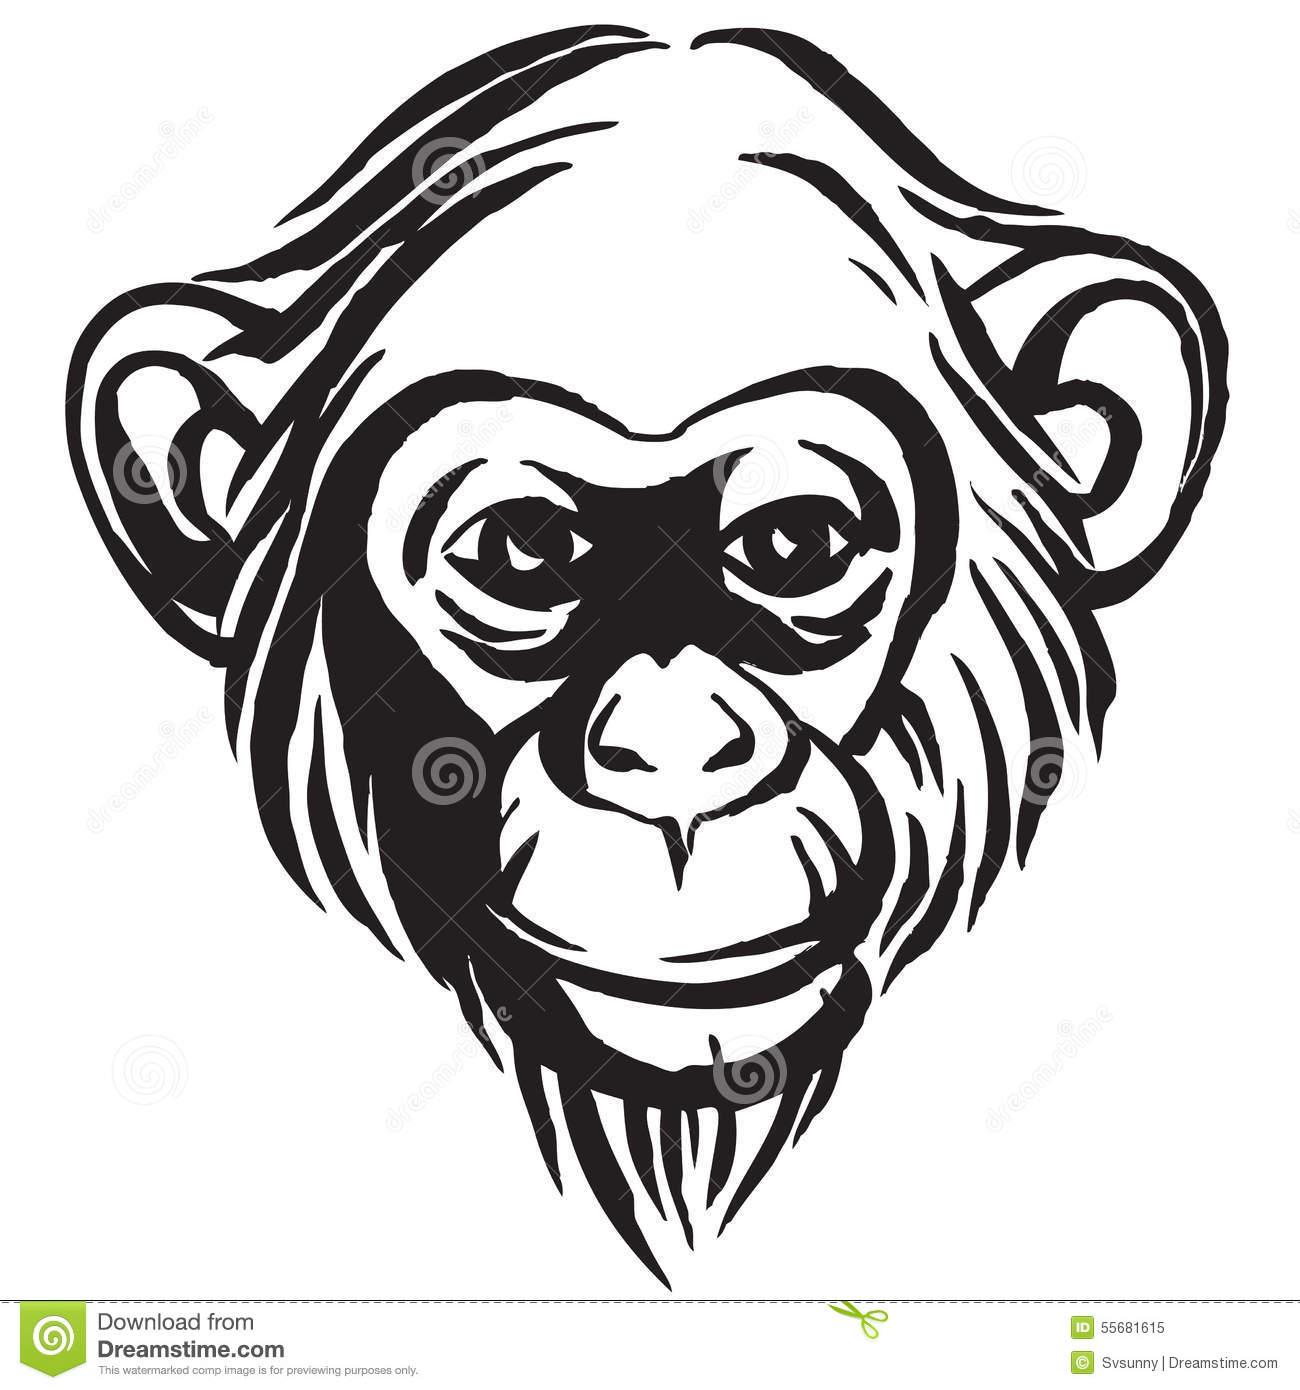 Bonobo clipart #11, Download drawings